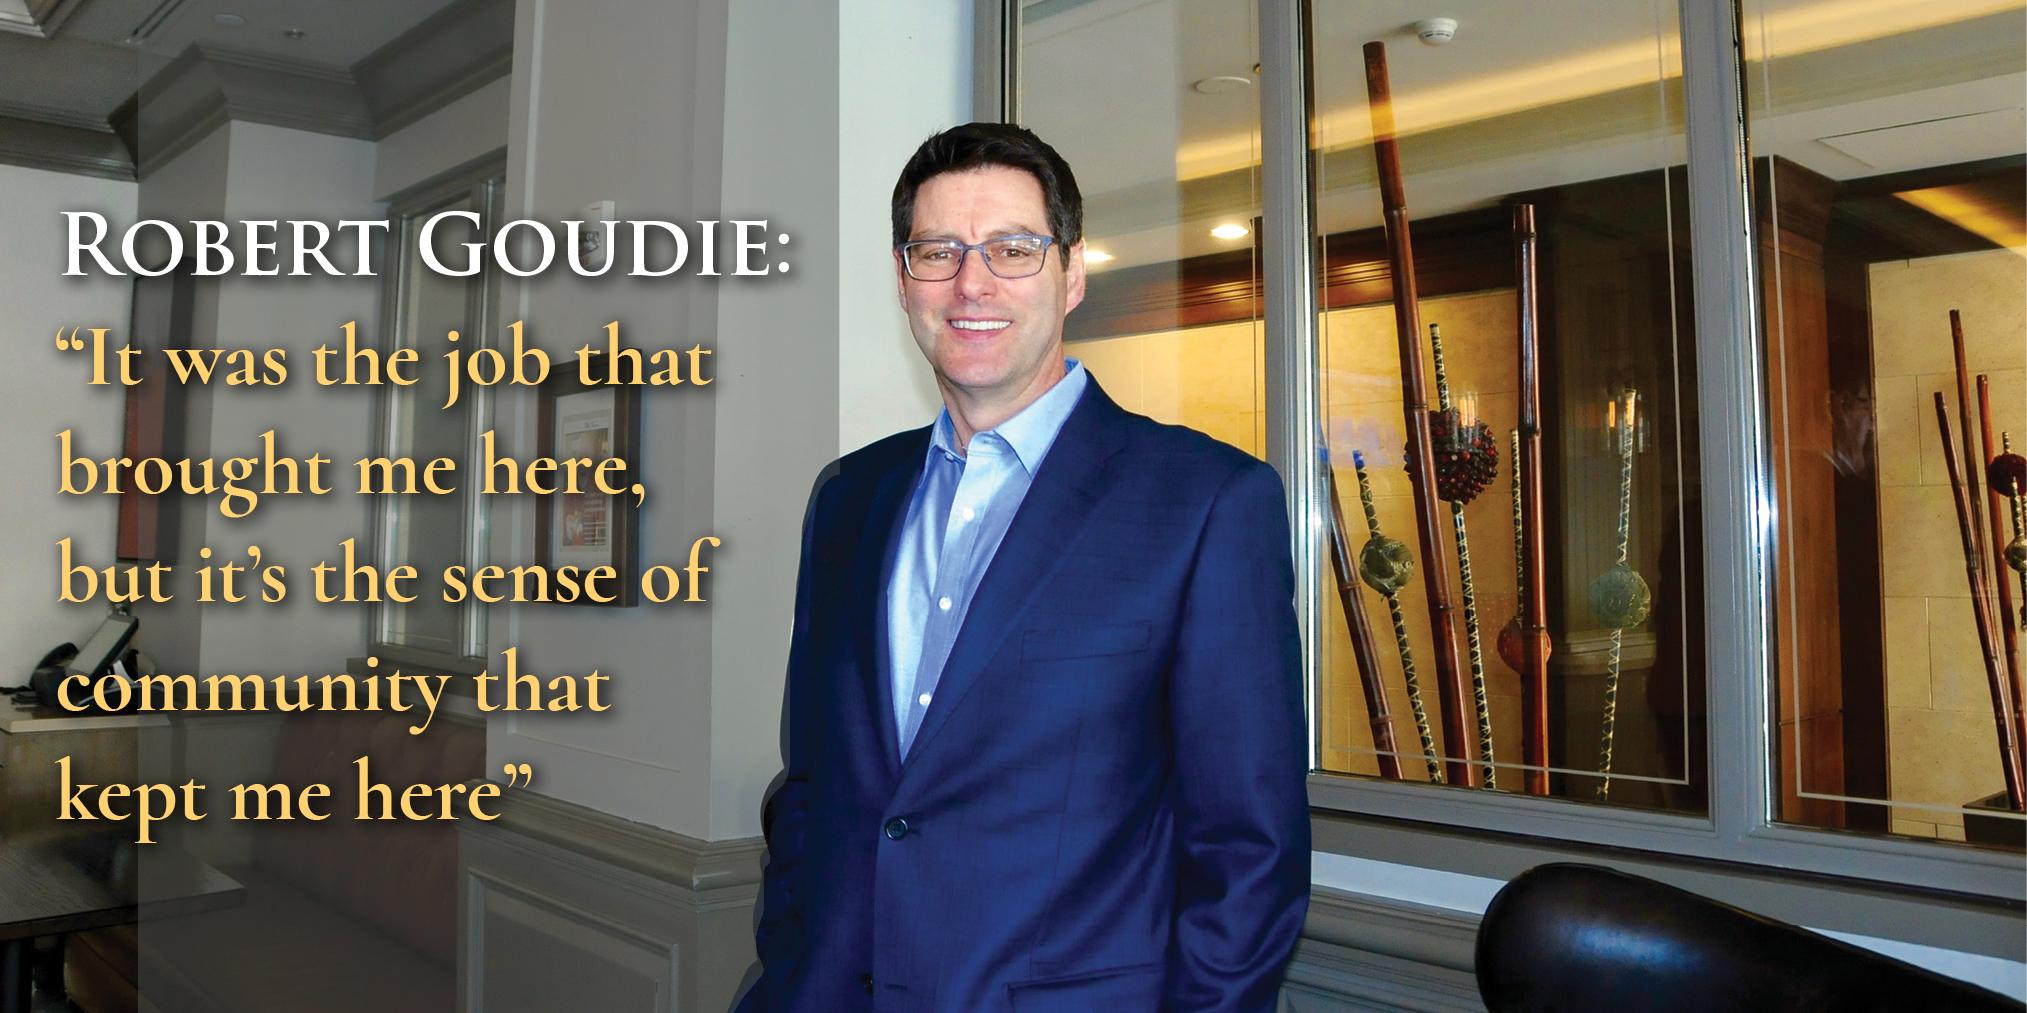 Robert Gouldie